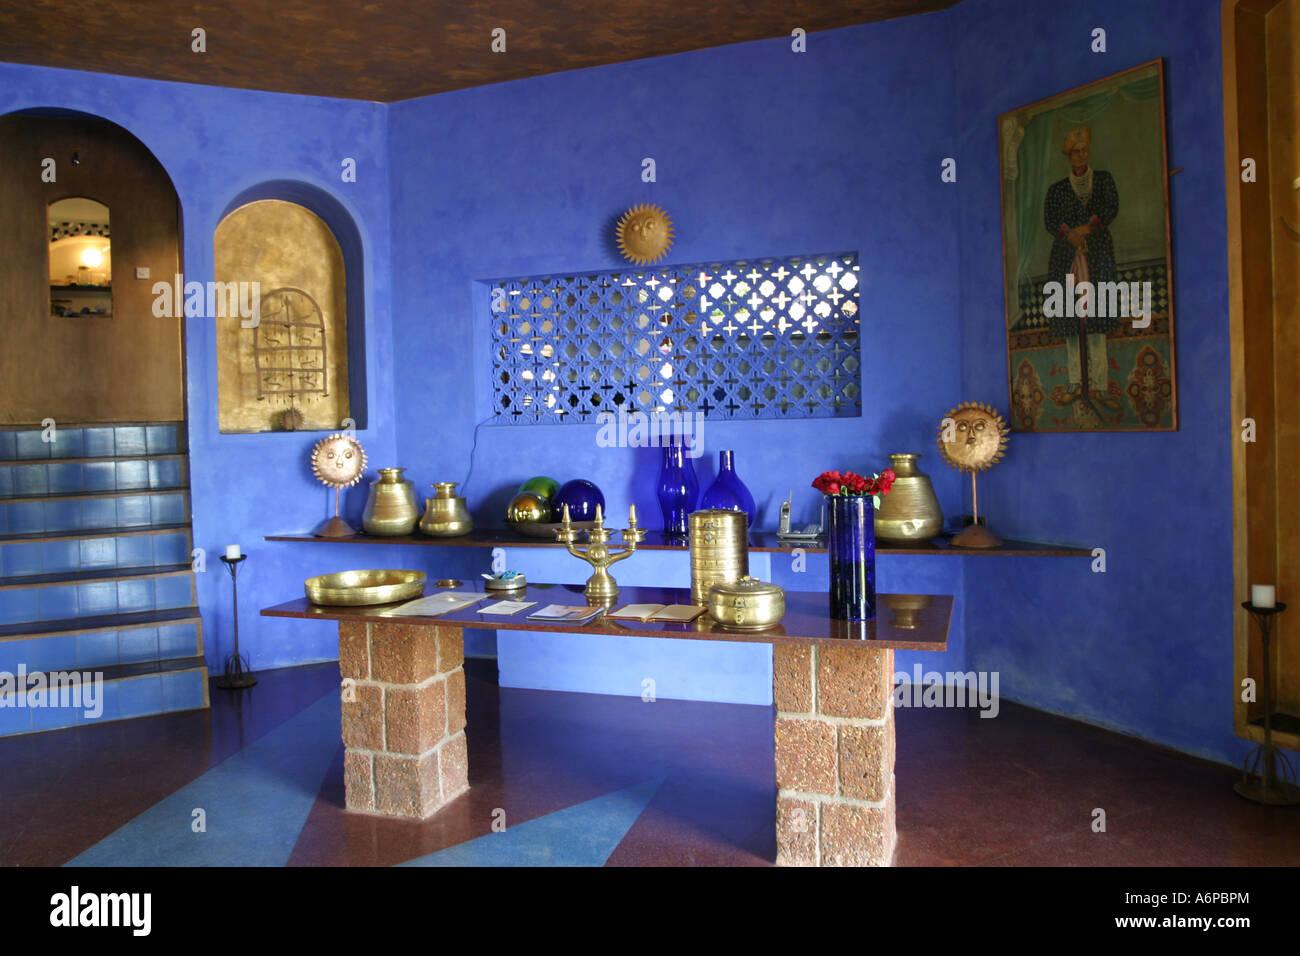 Spettacolare area ricevimento nel designer Nilaya Hermitage boutique hotel in Goa in India Immagini Stock